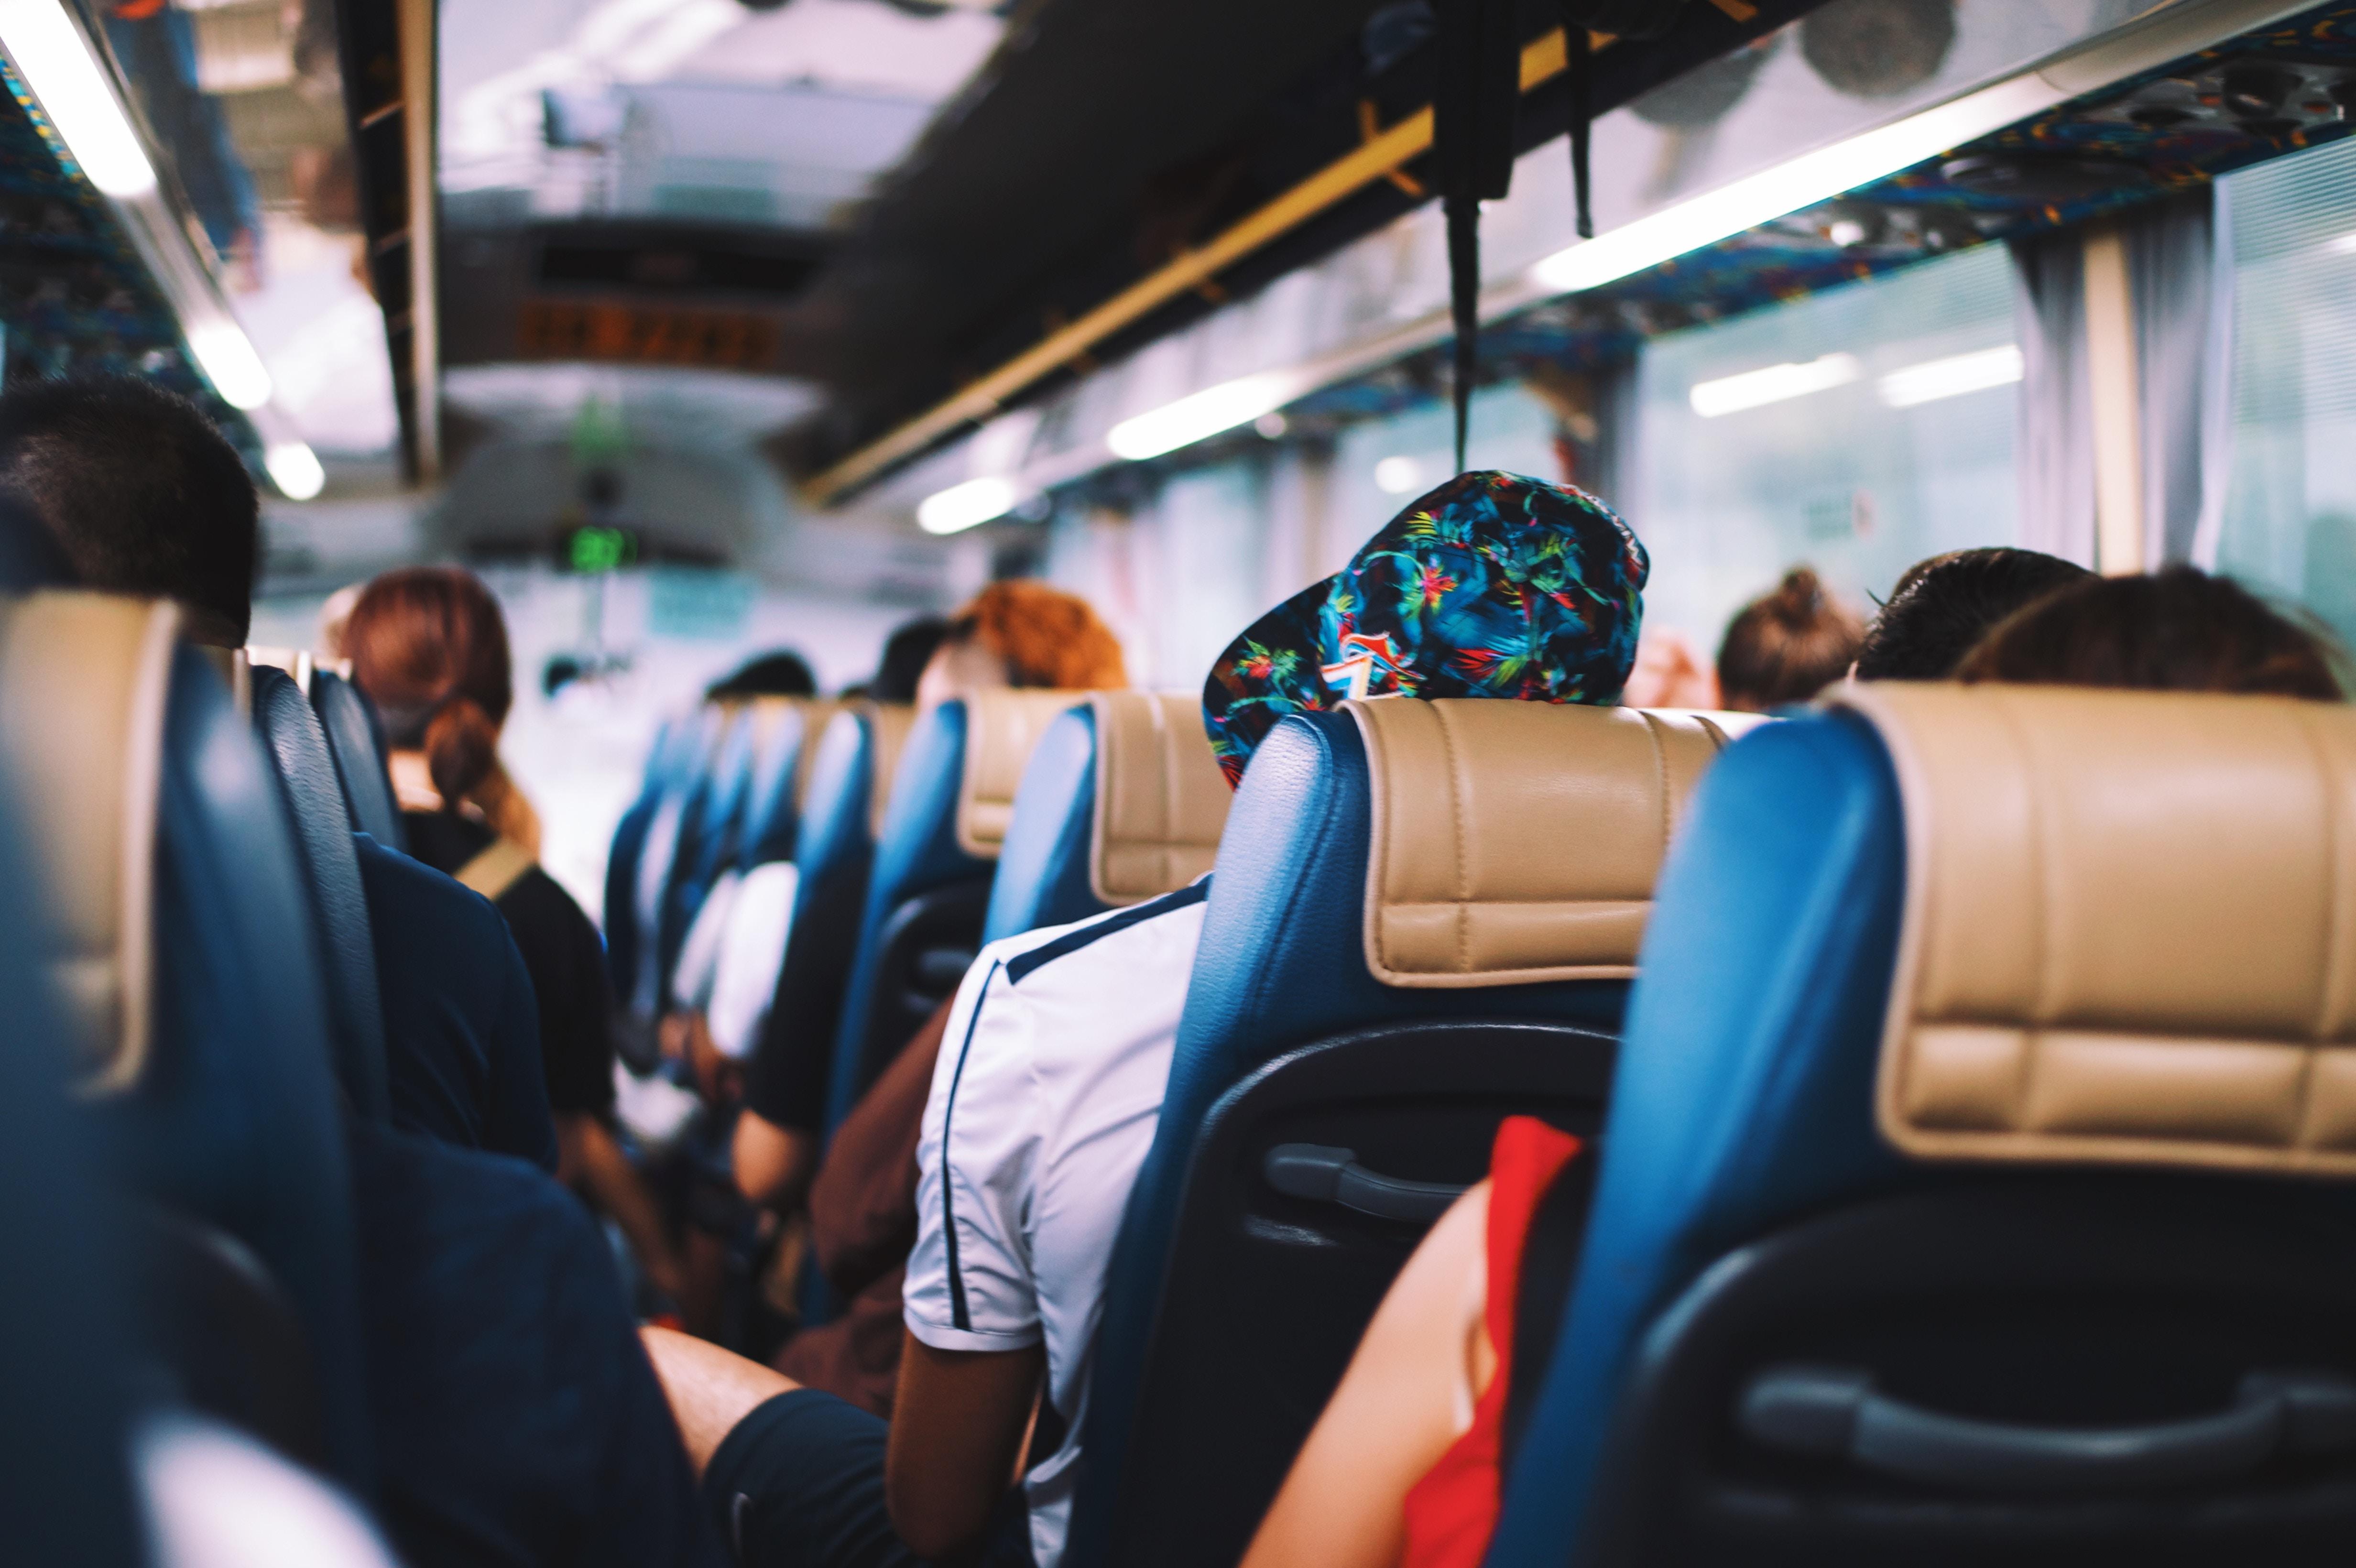 Tourists on a bus